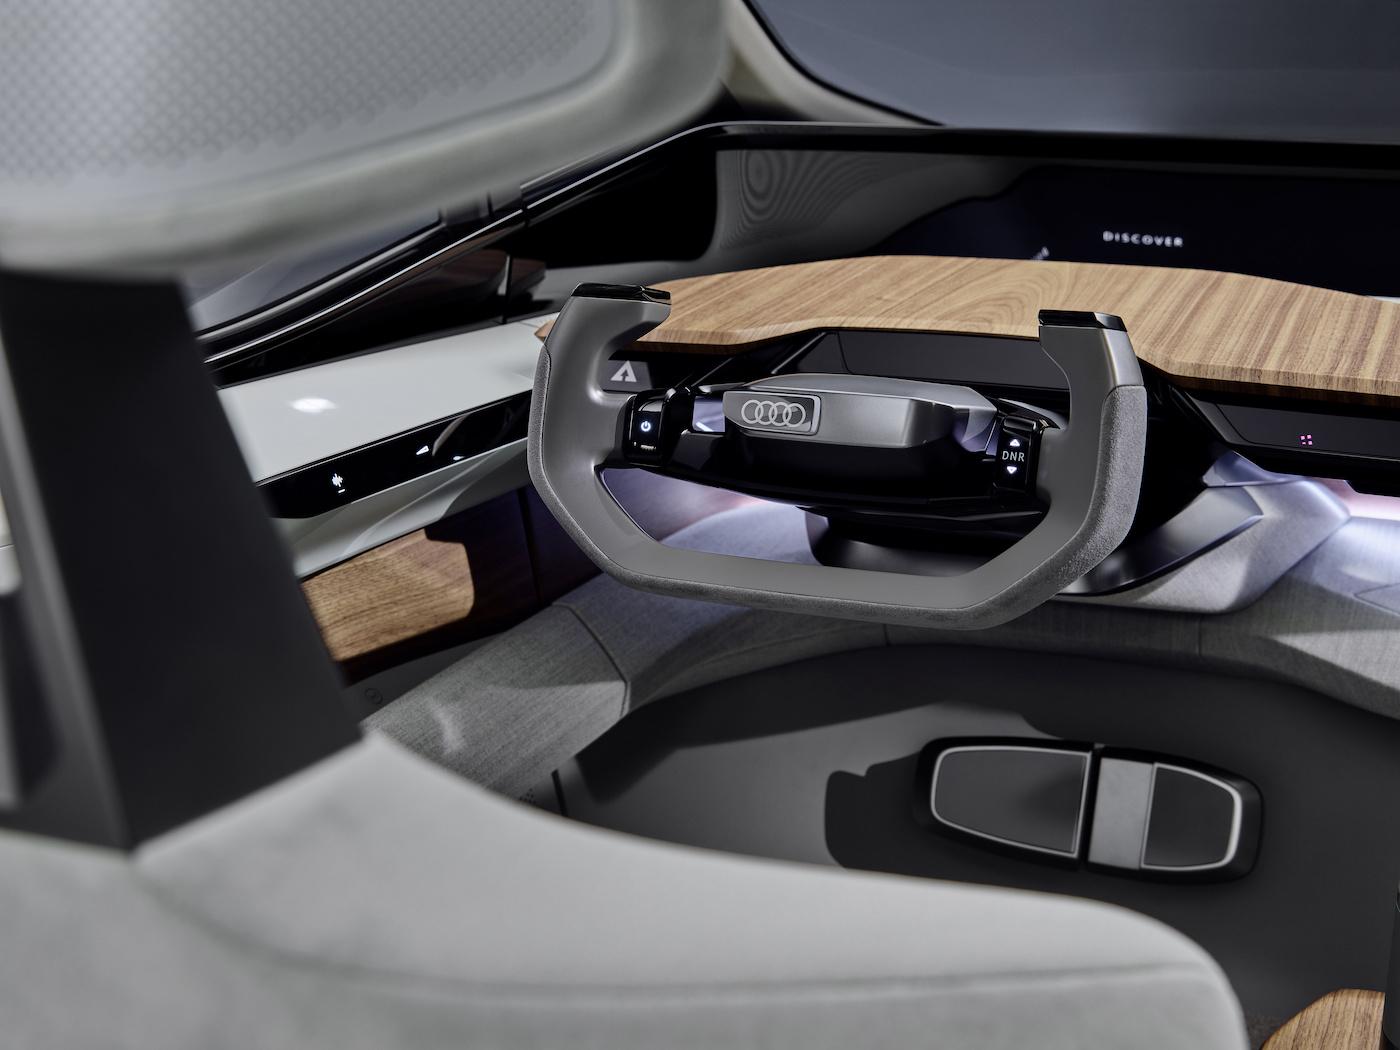 Der kompakte Audi der Zukunft: Das ist der Audi AI:ME 8